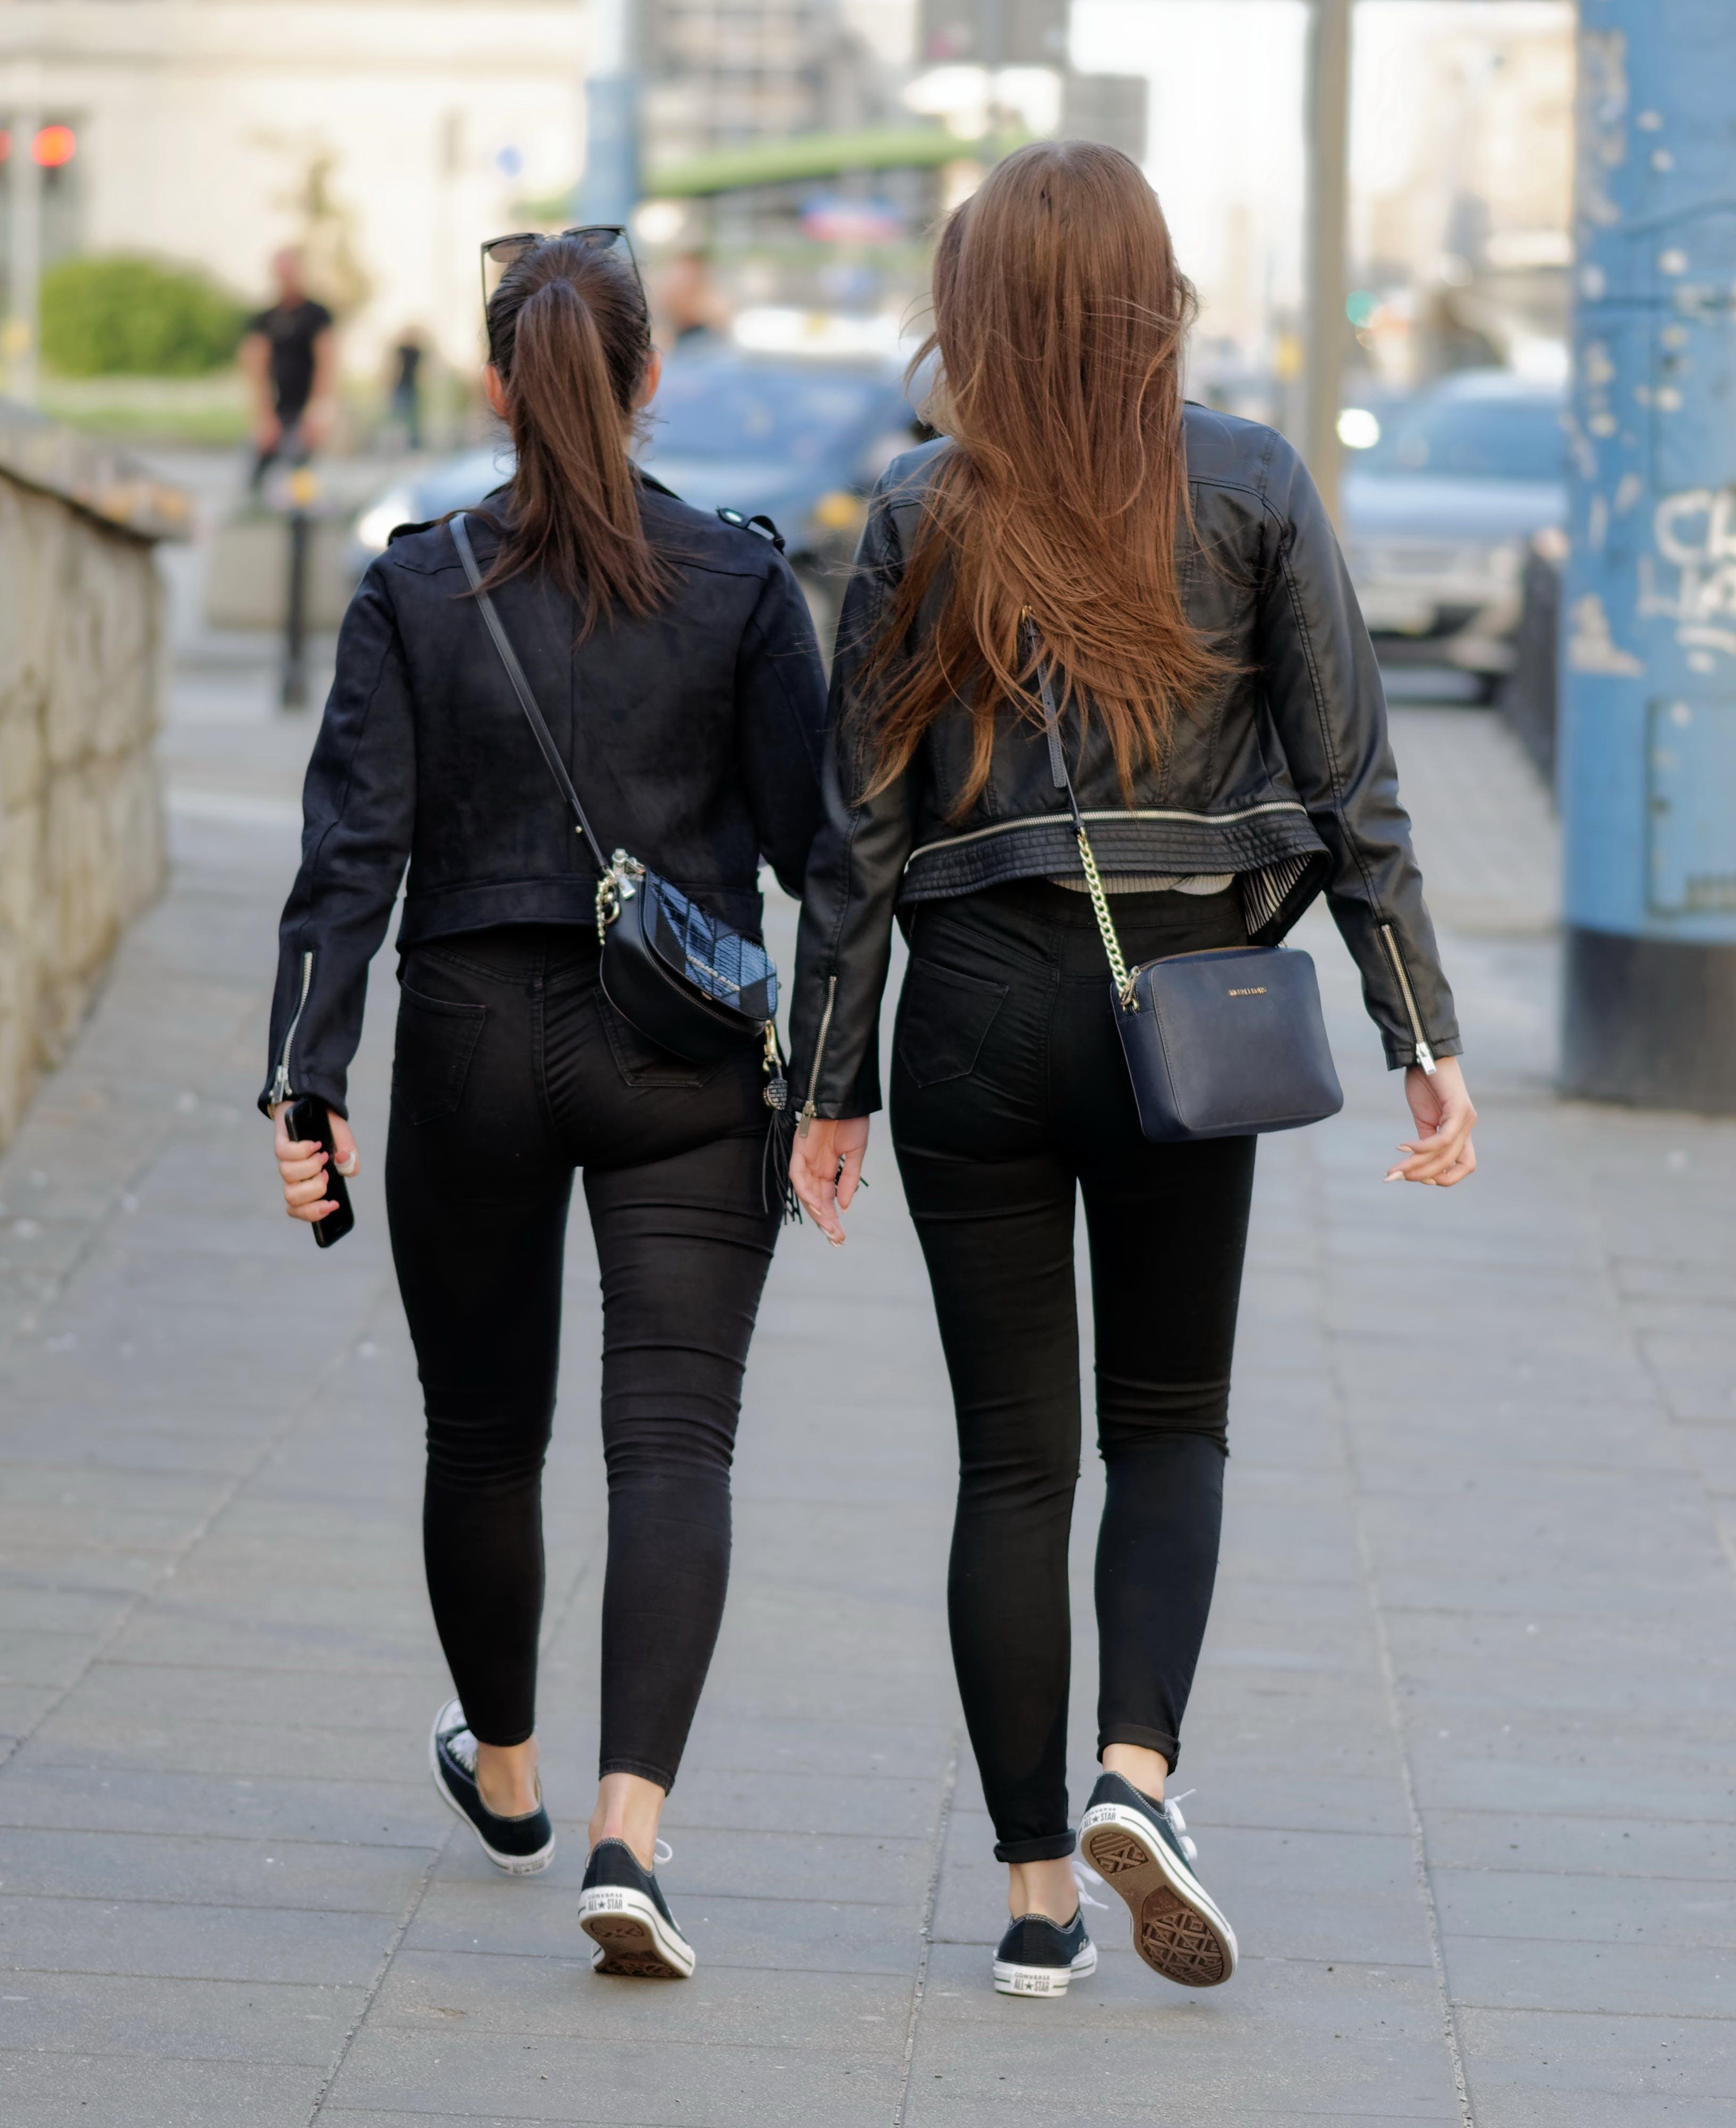 거리를 걷는 두 젊은 여성, 건물, 걷고 있는, 검은 옷의 무료 스톡 사진